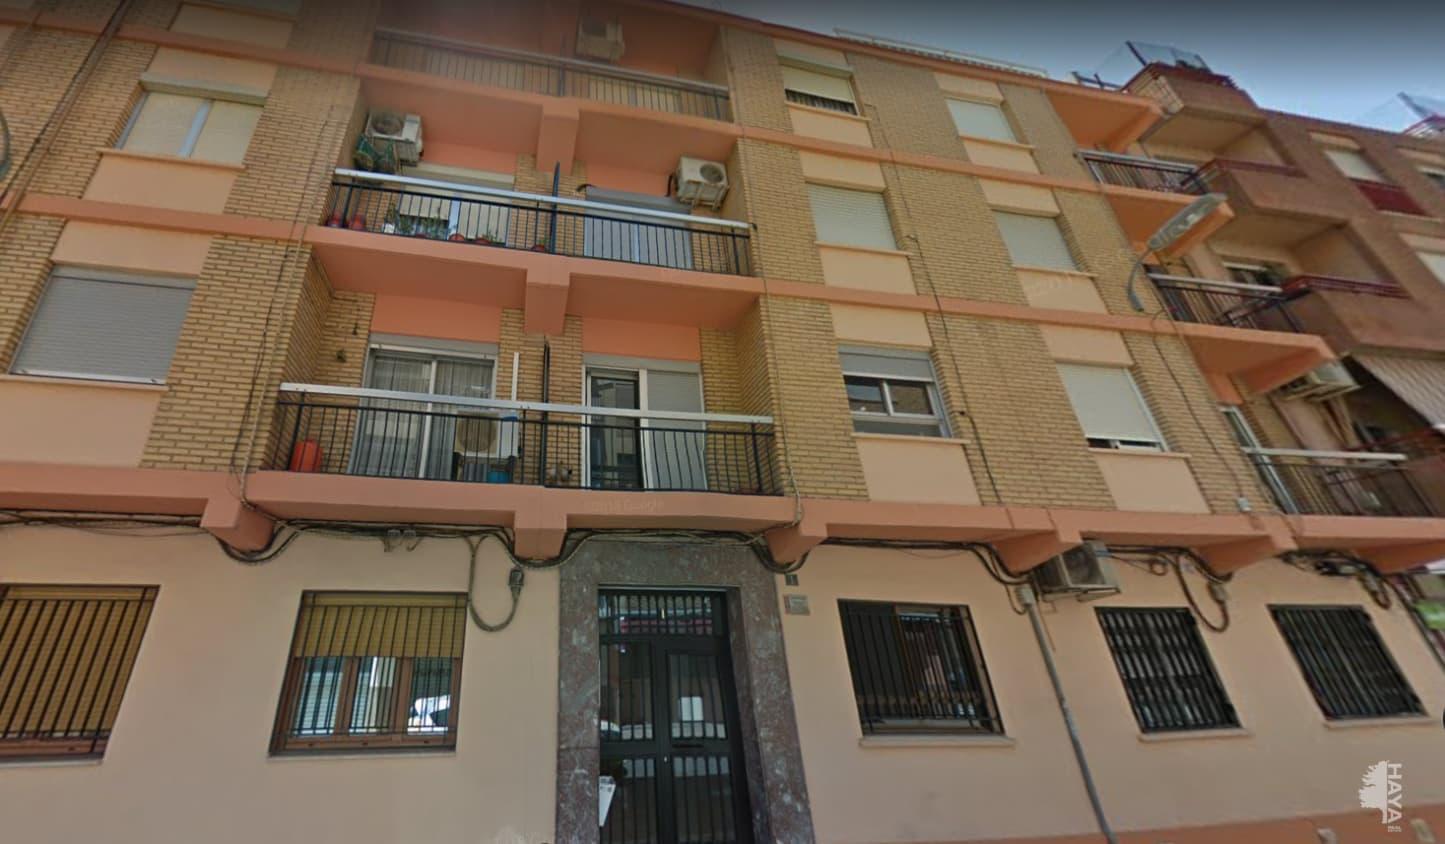 Piso en venta en Burjassot, Valencia, Calle Pintor Velazquez, 68.410 €, 3 habitaciones, 2 baños, 80 m2